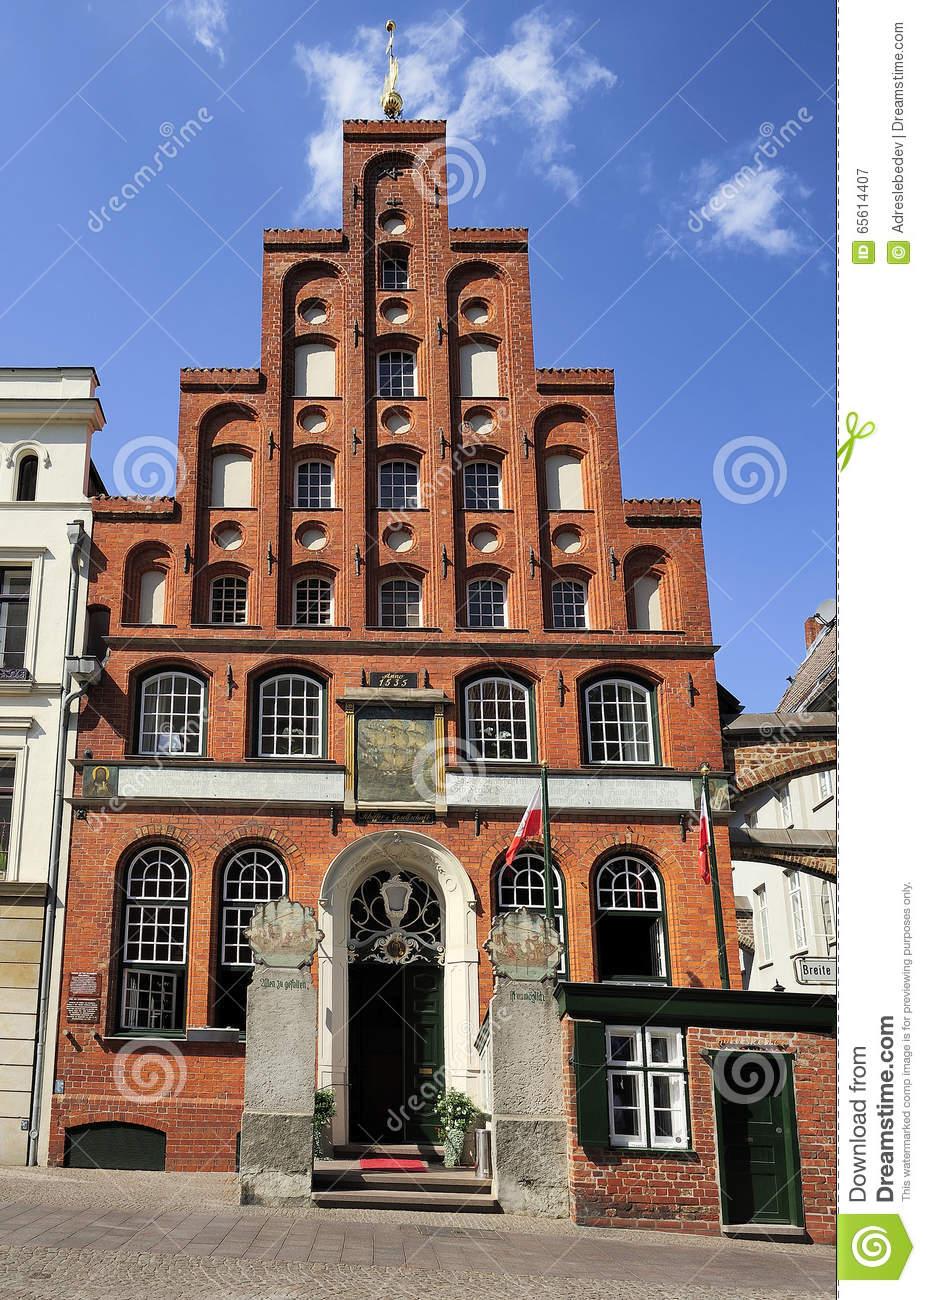 Schiffergesellschaft Building With Crow.